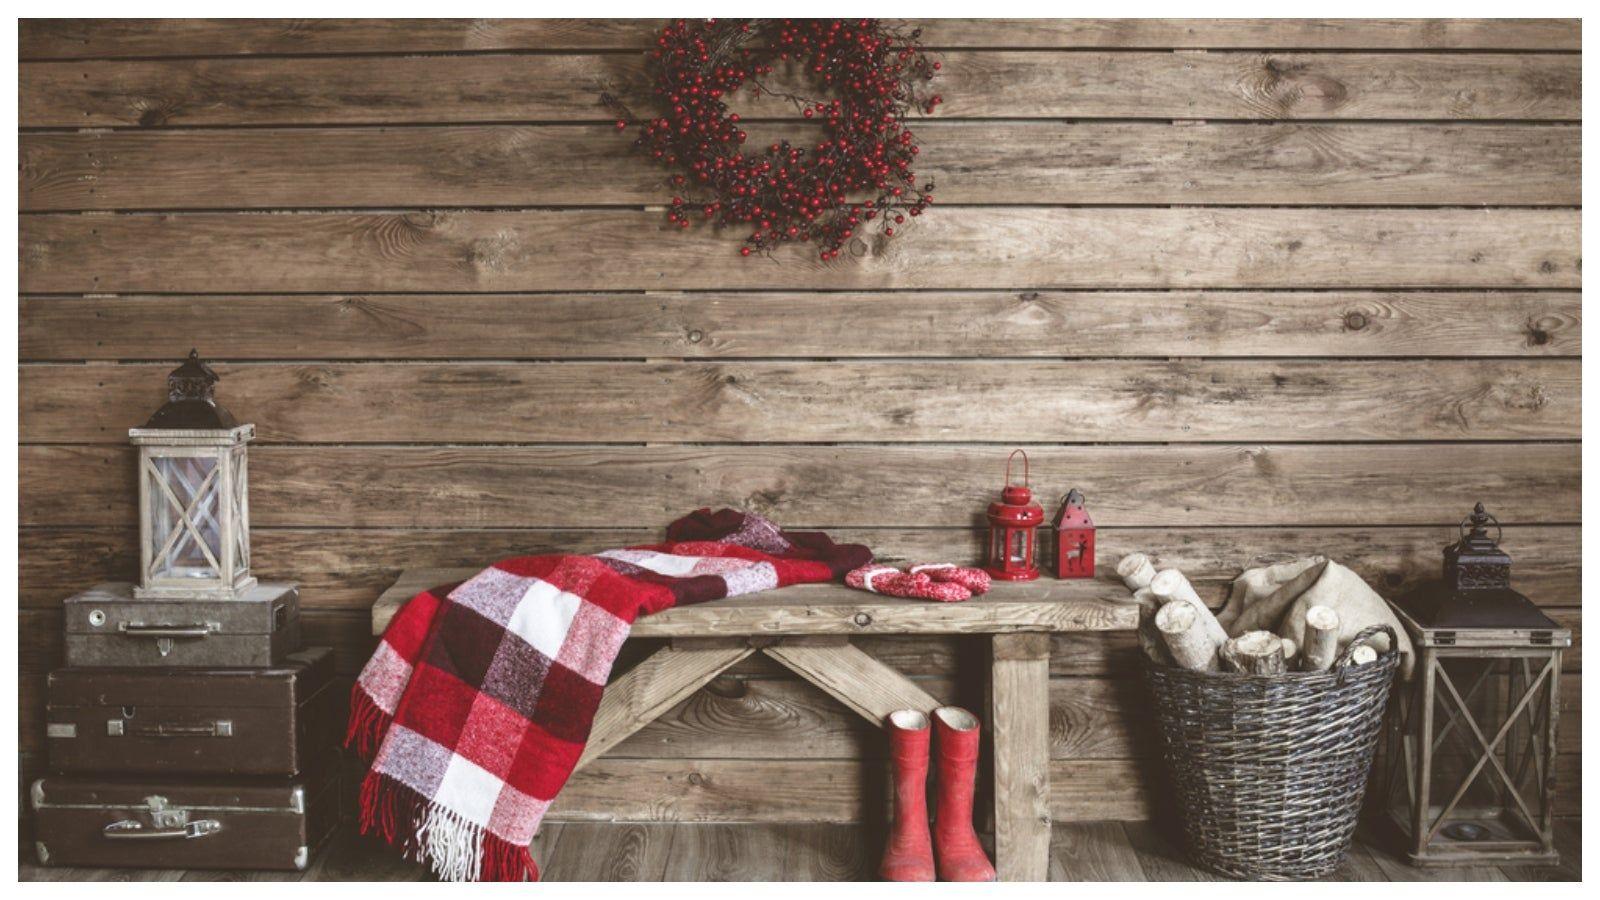 نصائح ديكورات مستوحاة من أجواء الشتاء Interior Design Help Interior Design Bedroom Interior Design Advice